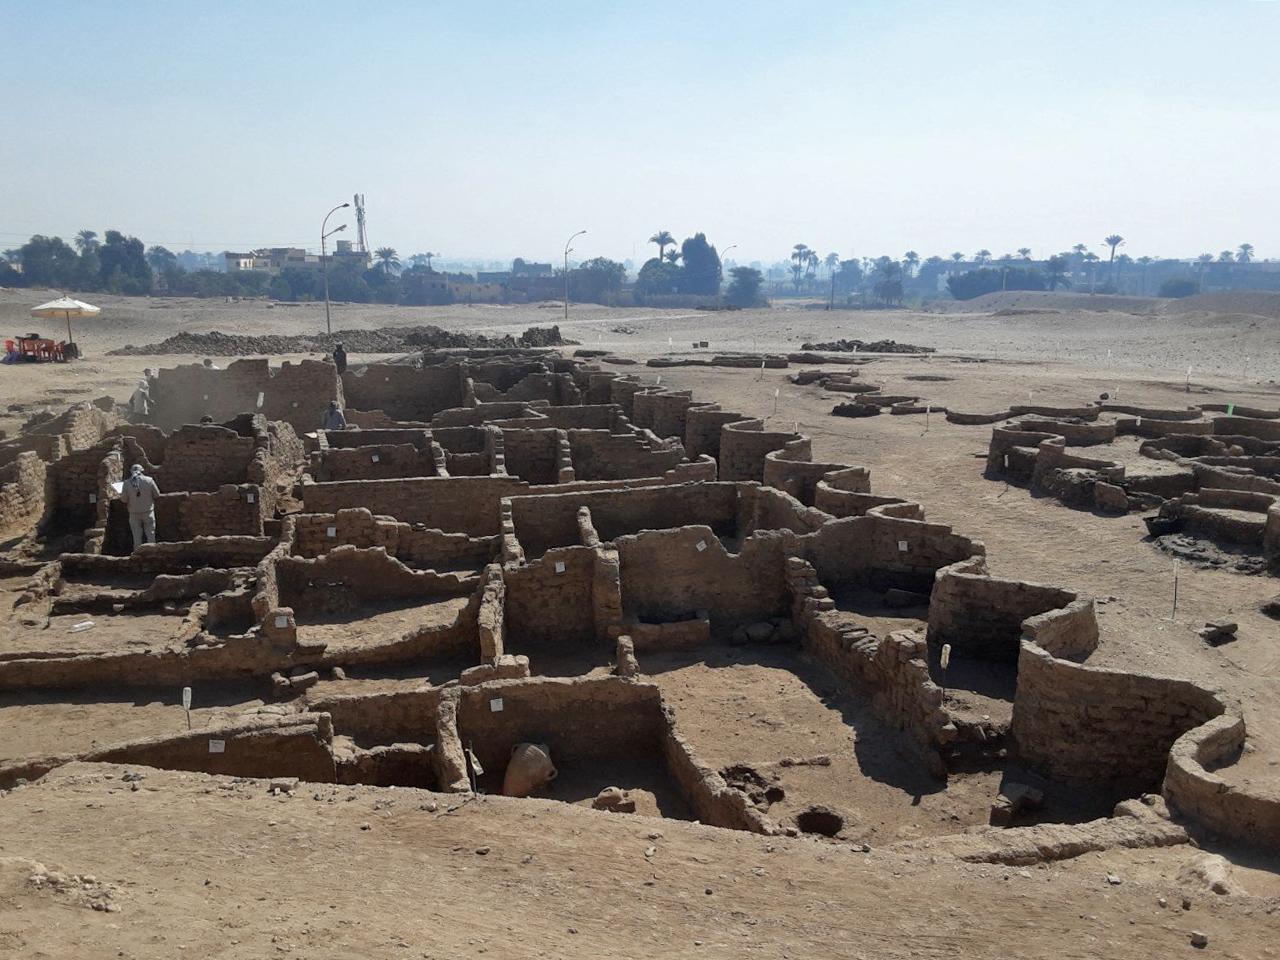 埃及知名考古學家哈瓦什(Zahi Hawass)2021年4月8日宣佈,在樂蜀西岸帝王谷(Valley of the Kings)附近發現被沙土淹沒的「失落的黃金城市」,有三千多年歷史。(AFP/Egyptian Ministry of Antiquities)